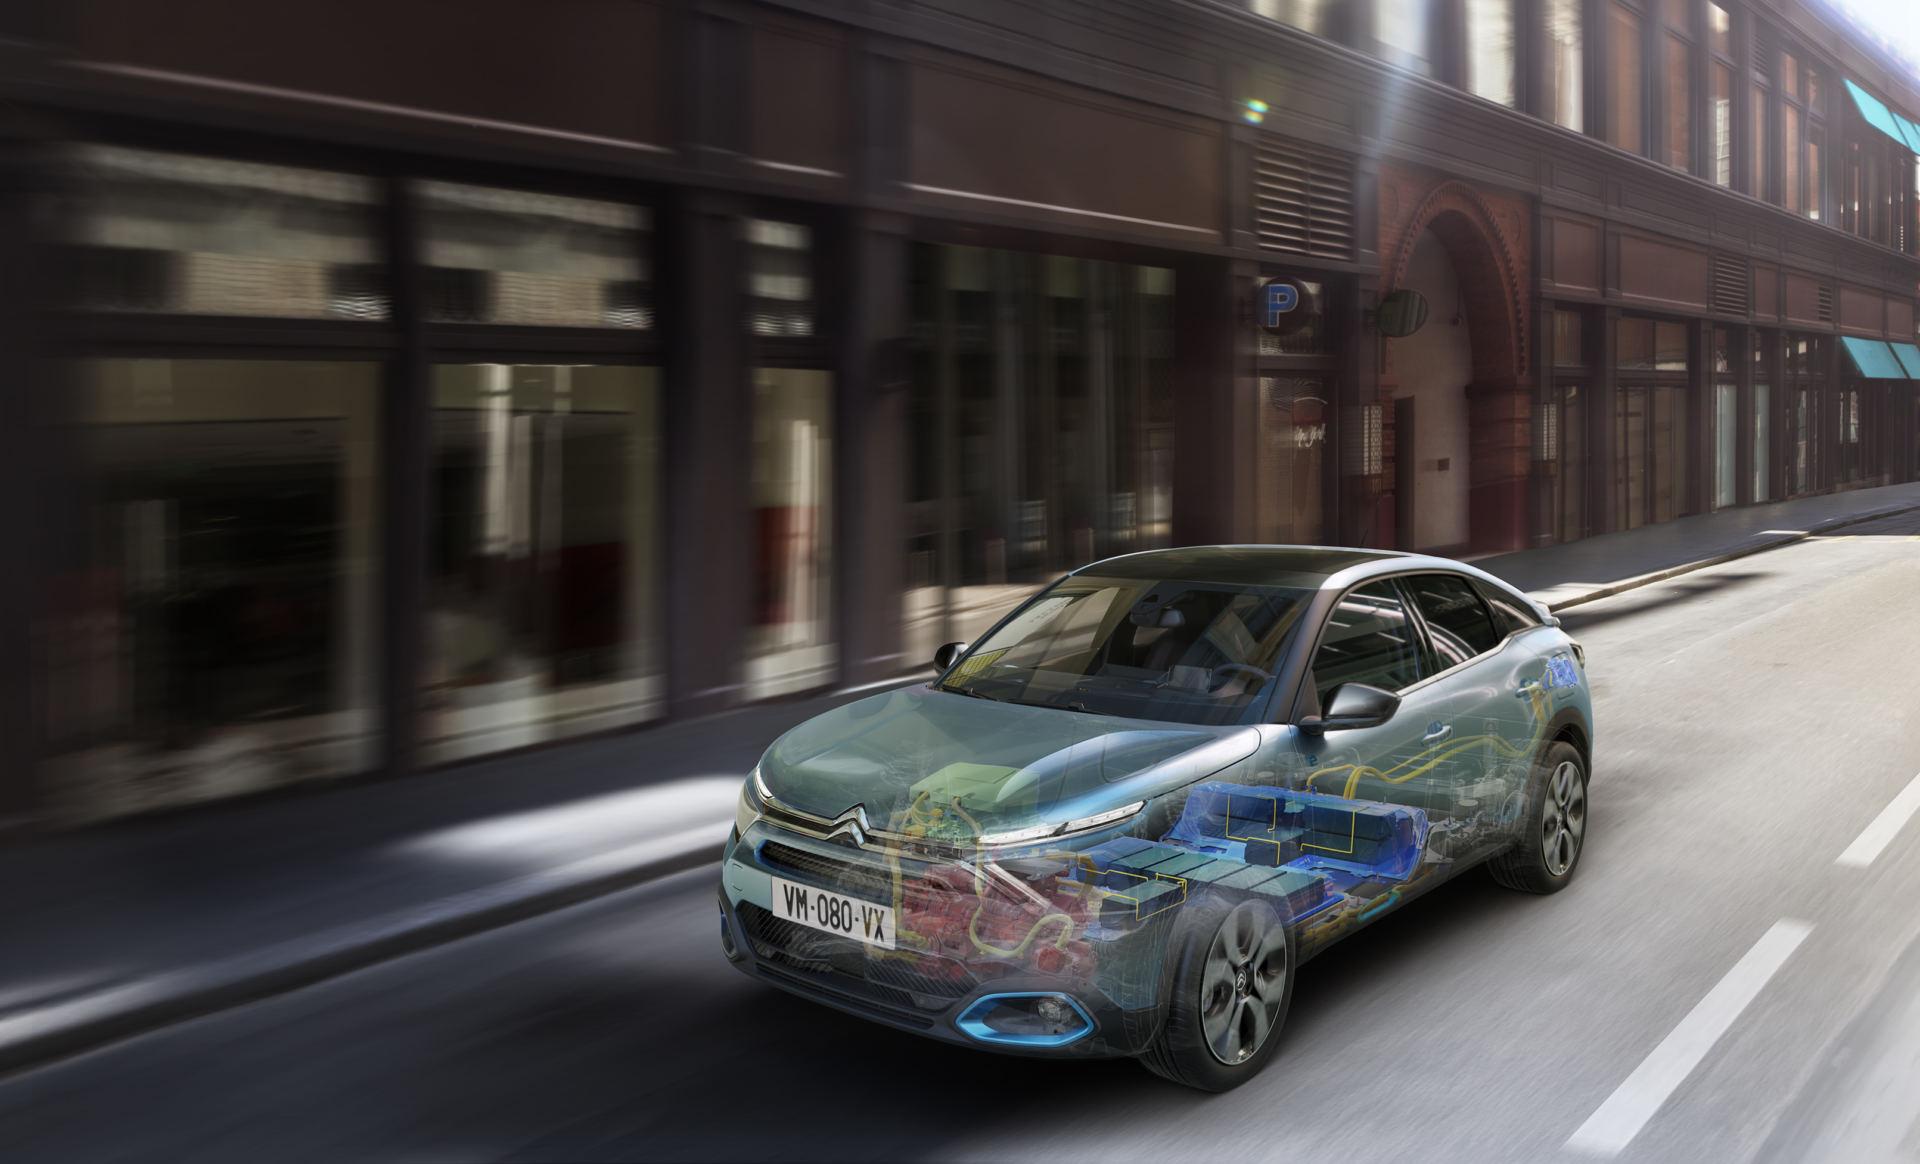 Partageant la plateforme multi-énergies avec la Corsa et la 208, le C4 reçoit également une version 100% électrique